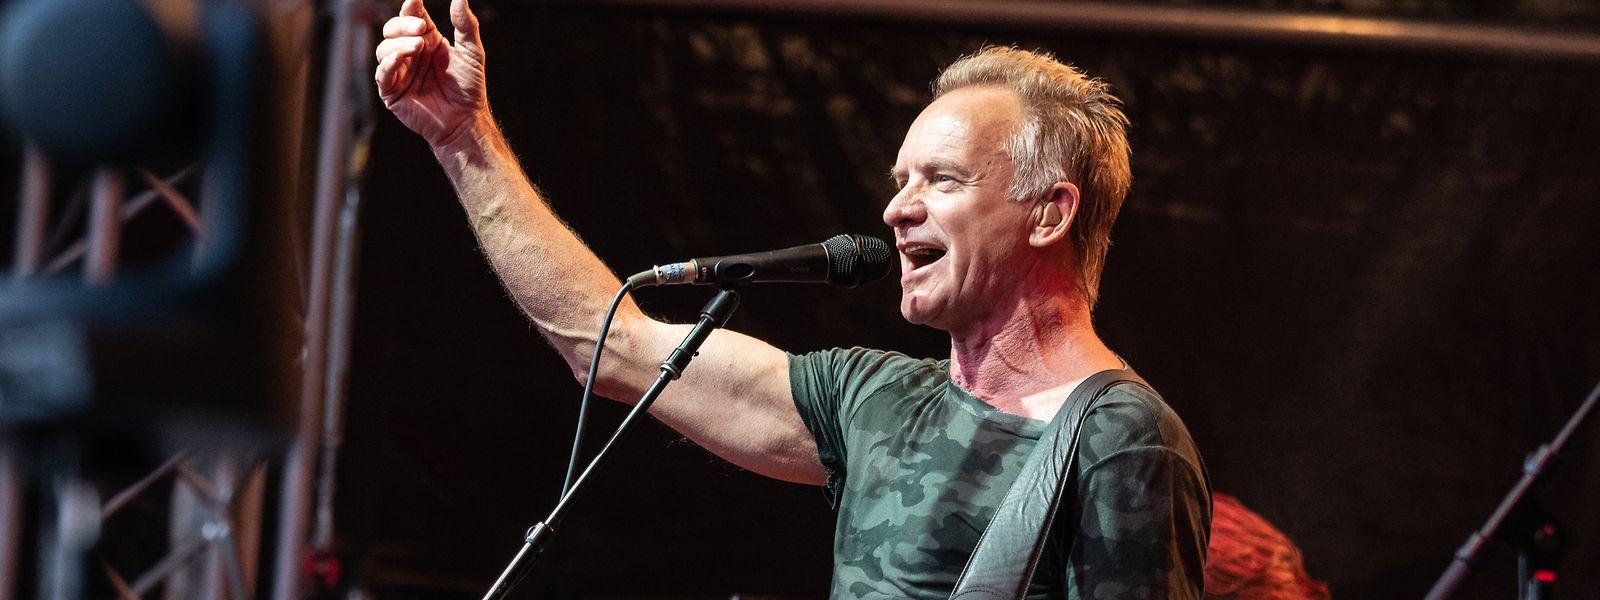 Sting live in Belval im Jahr 2018